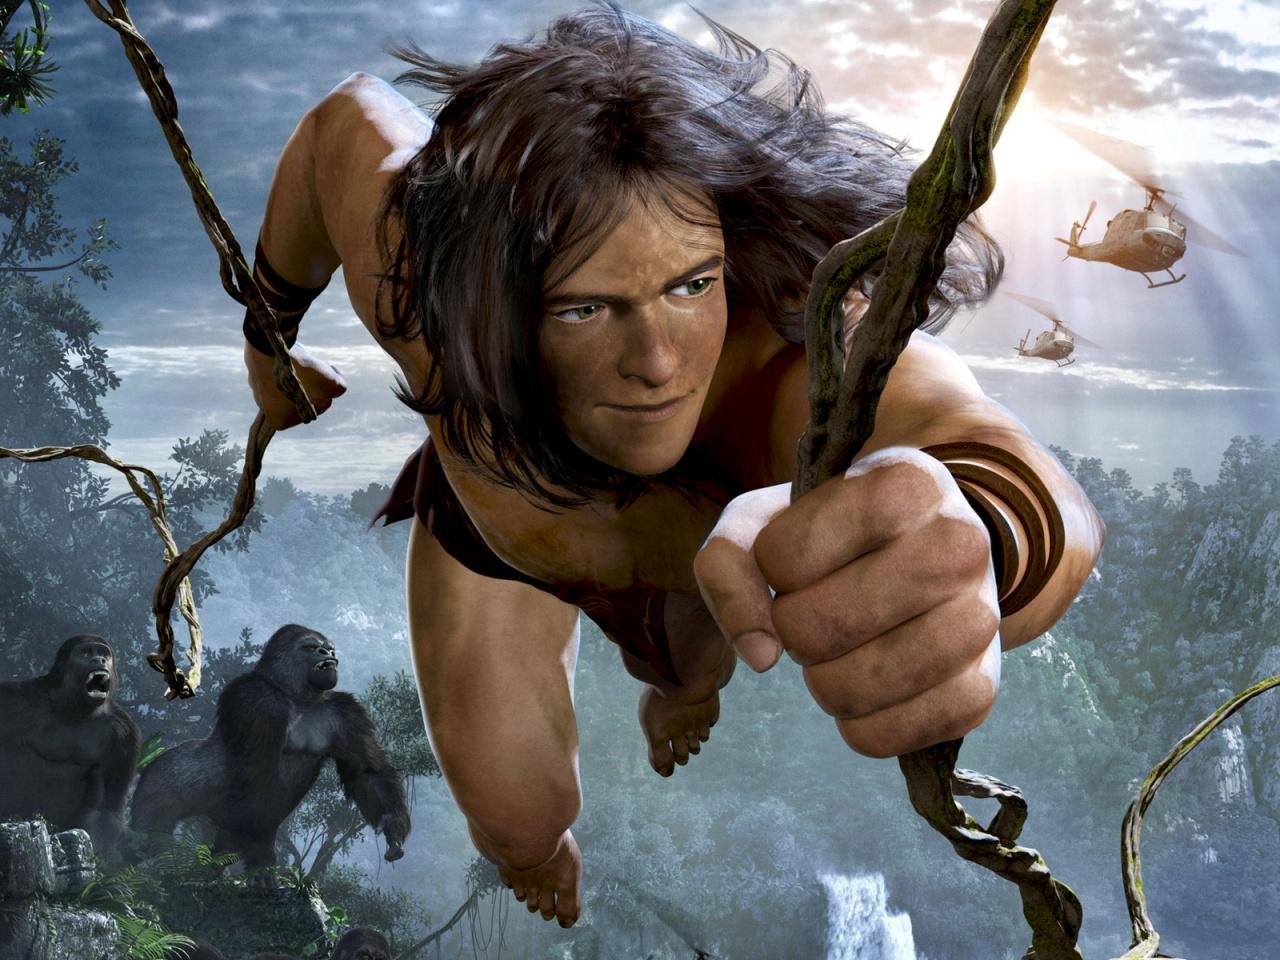 Тарзан / Tarzan (2013) TUBE Torrent Фильмы смотреть онлайн БЕСПЛАТНО в хоро